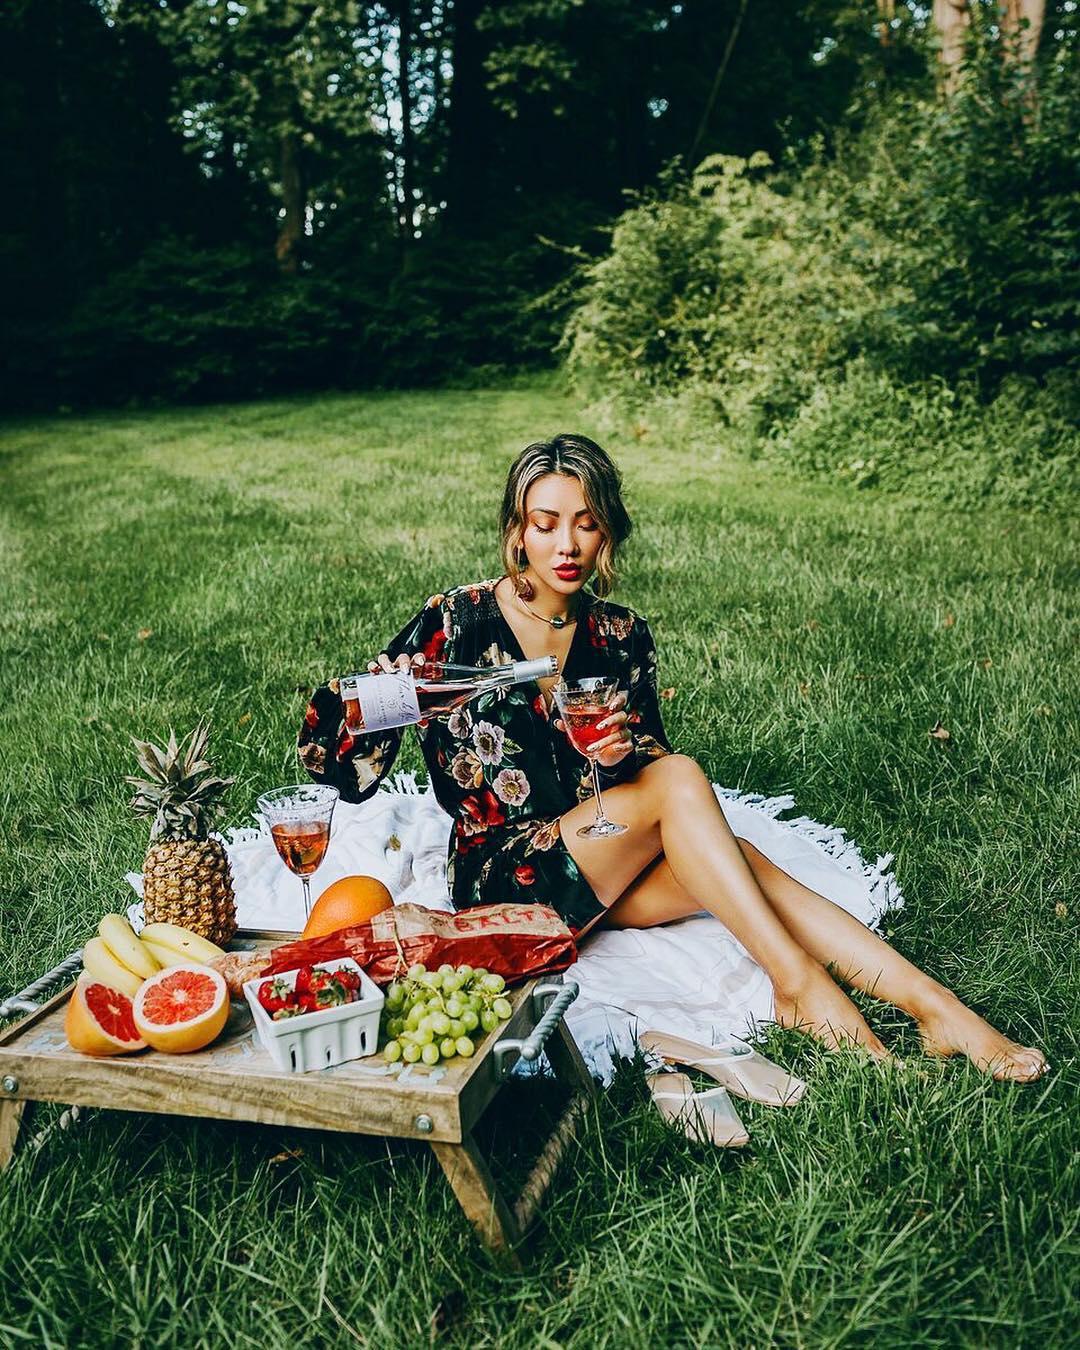 Black floral rompers for spring picnics 2021